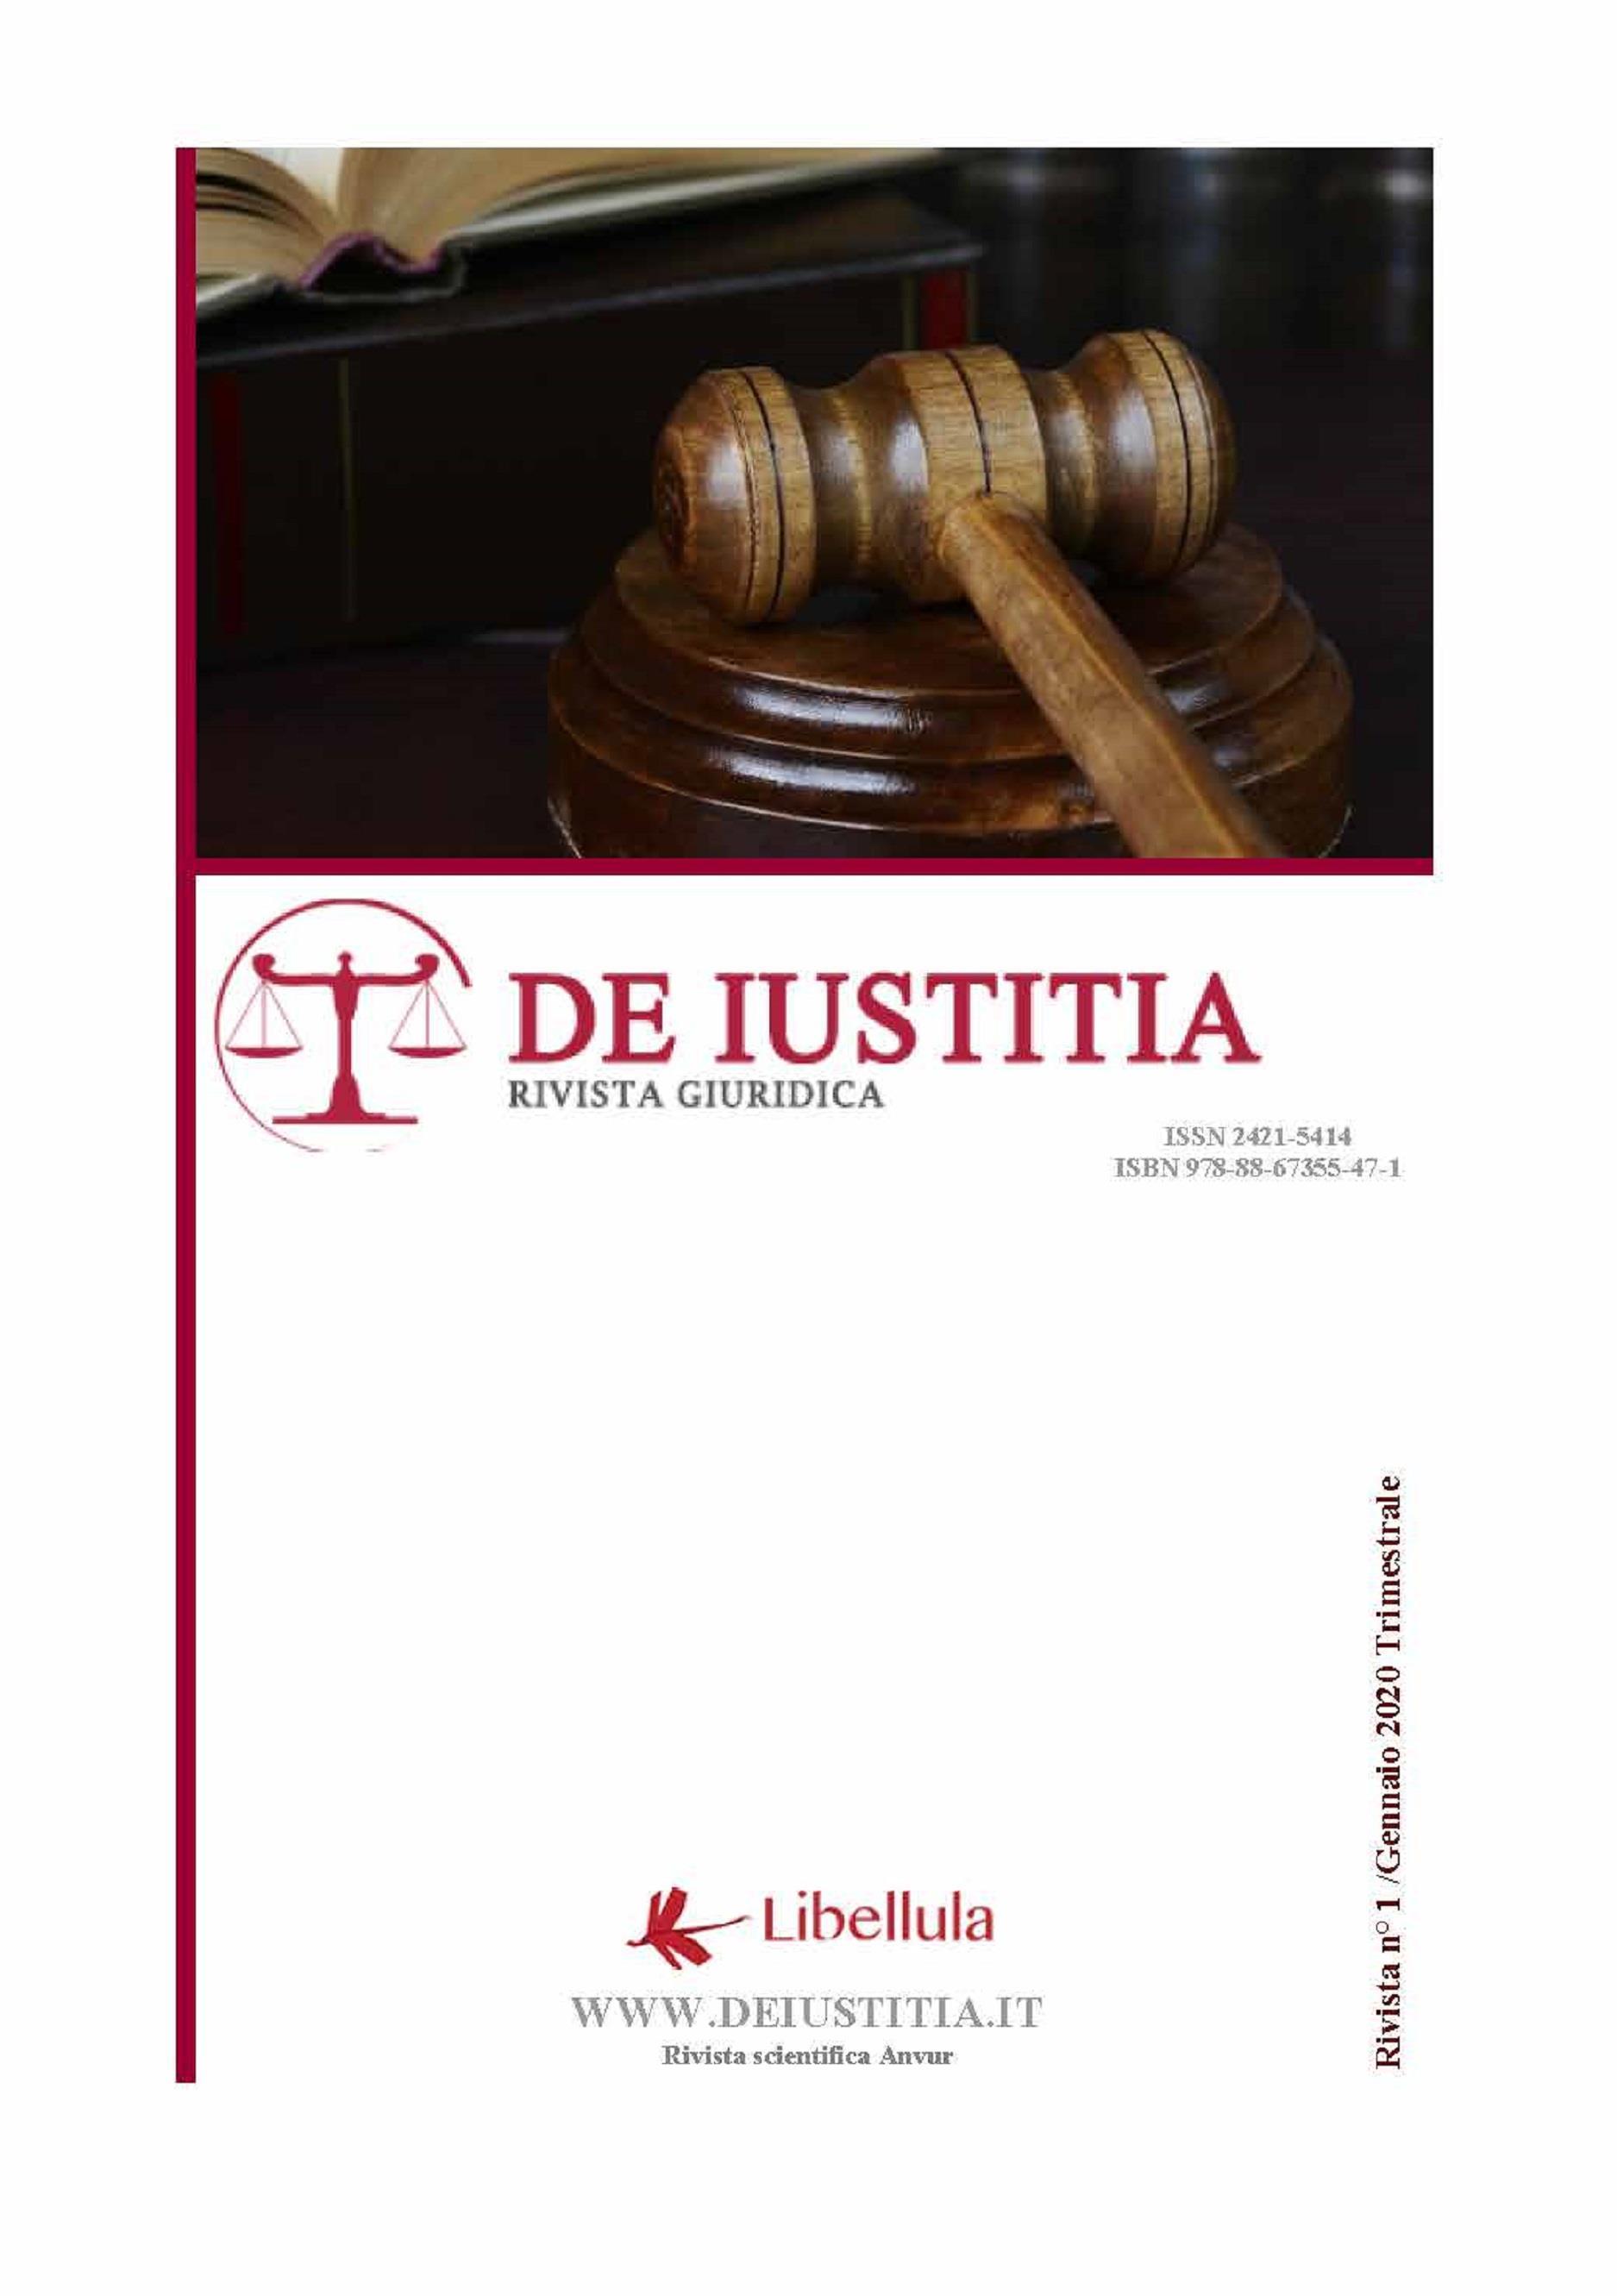 De Iustitia - Rivista di informazione giuridica - N. 1 Gennaio 2020